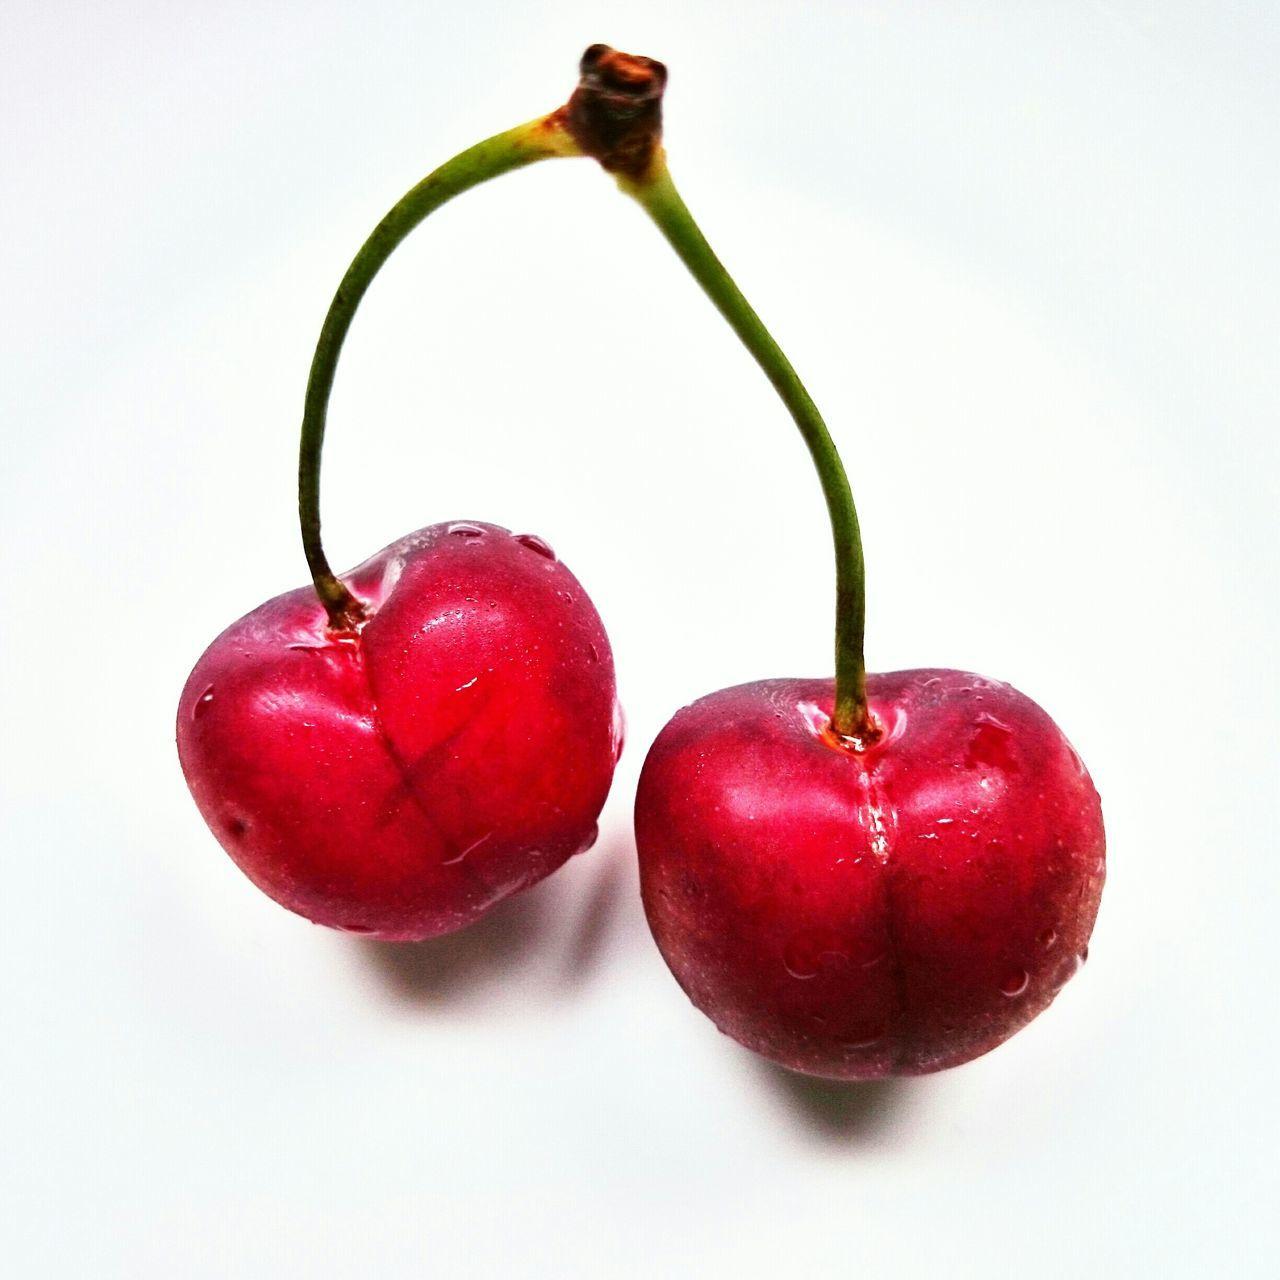 Cherry Cherries Redcherry White Contrast Cherryred Cherryshine